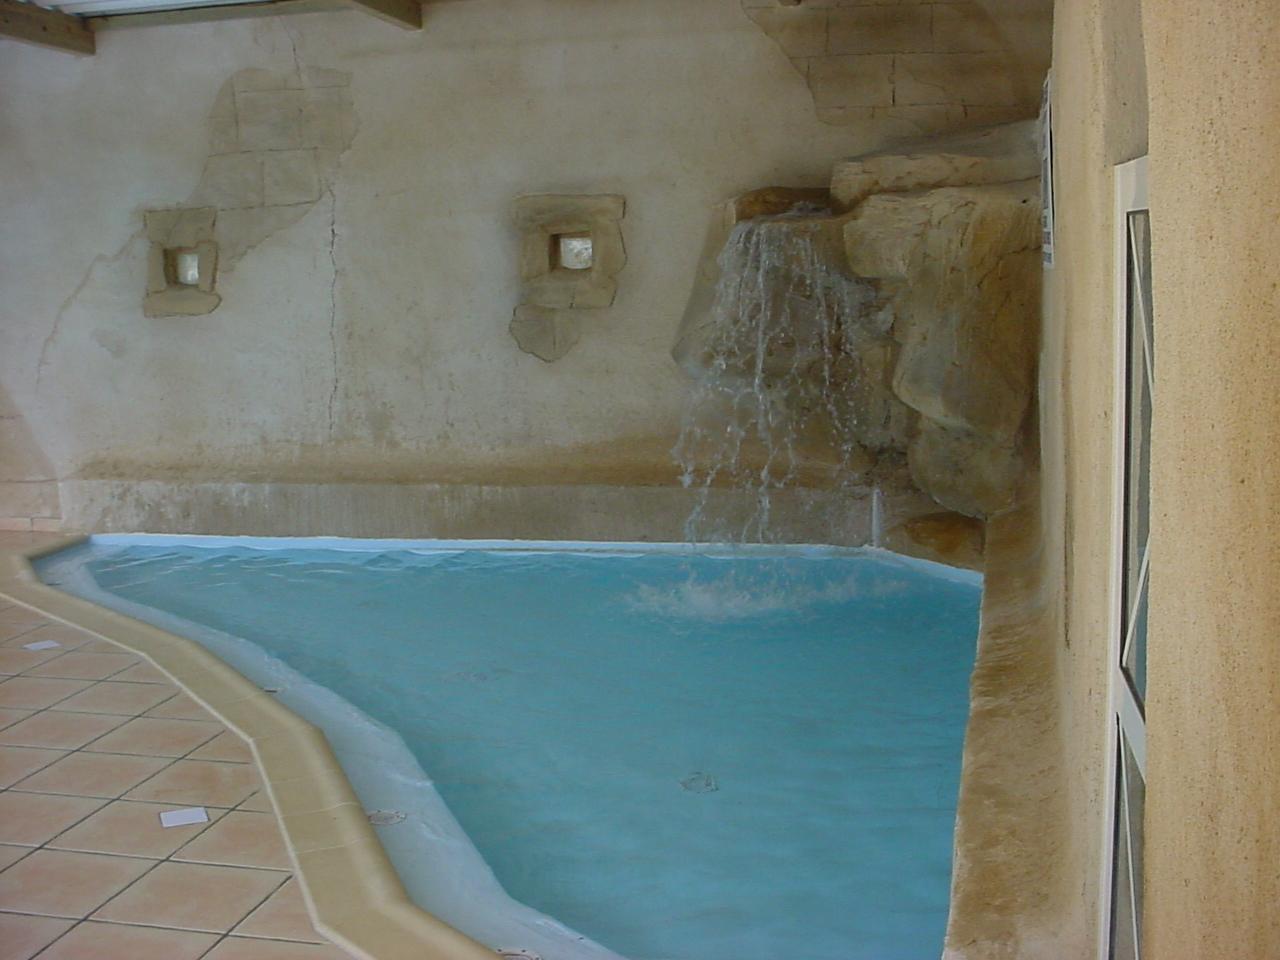 Piscine int rieure petit bassin for Petit bassin piscine